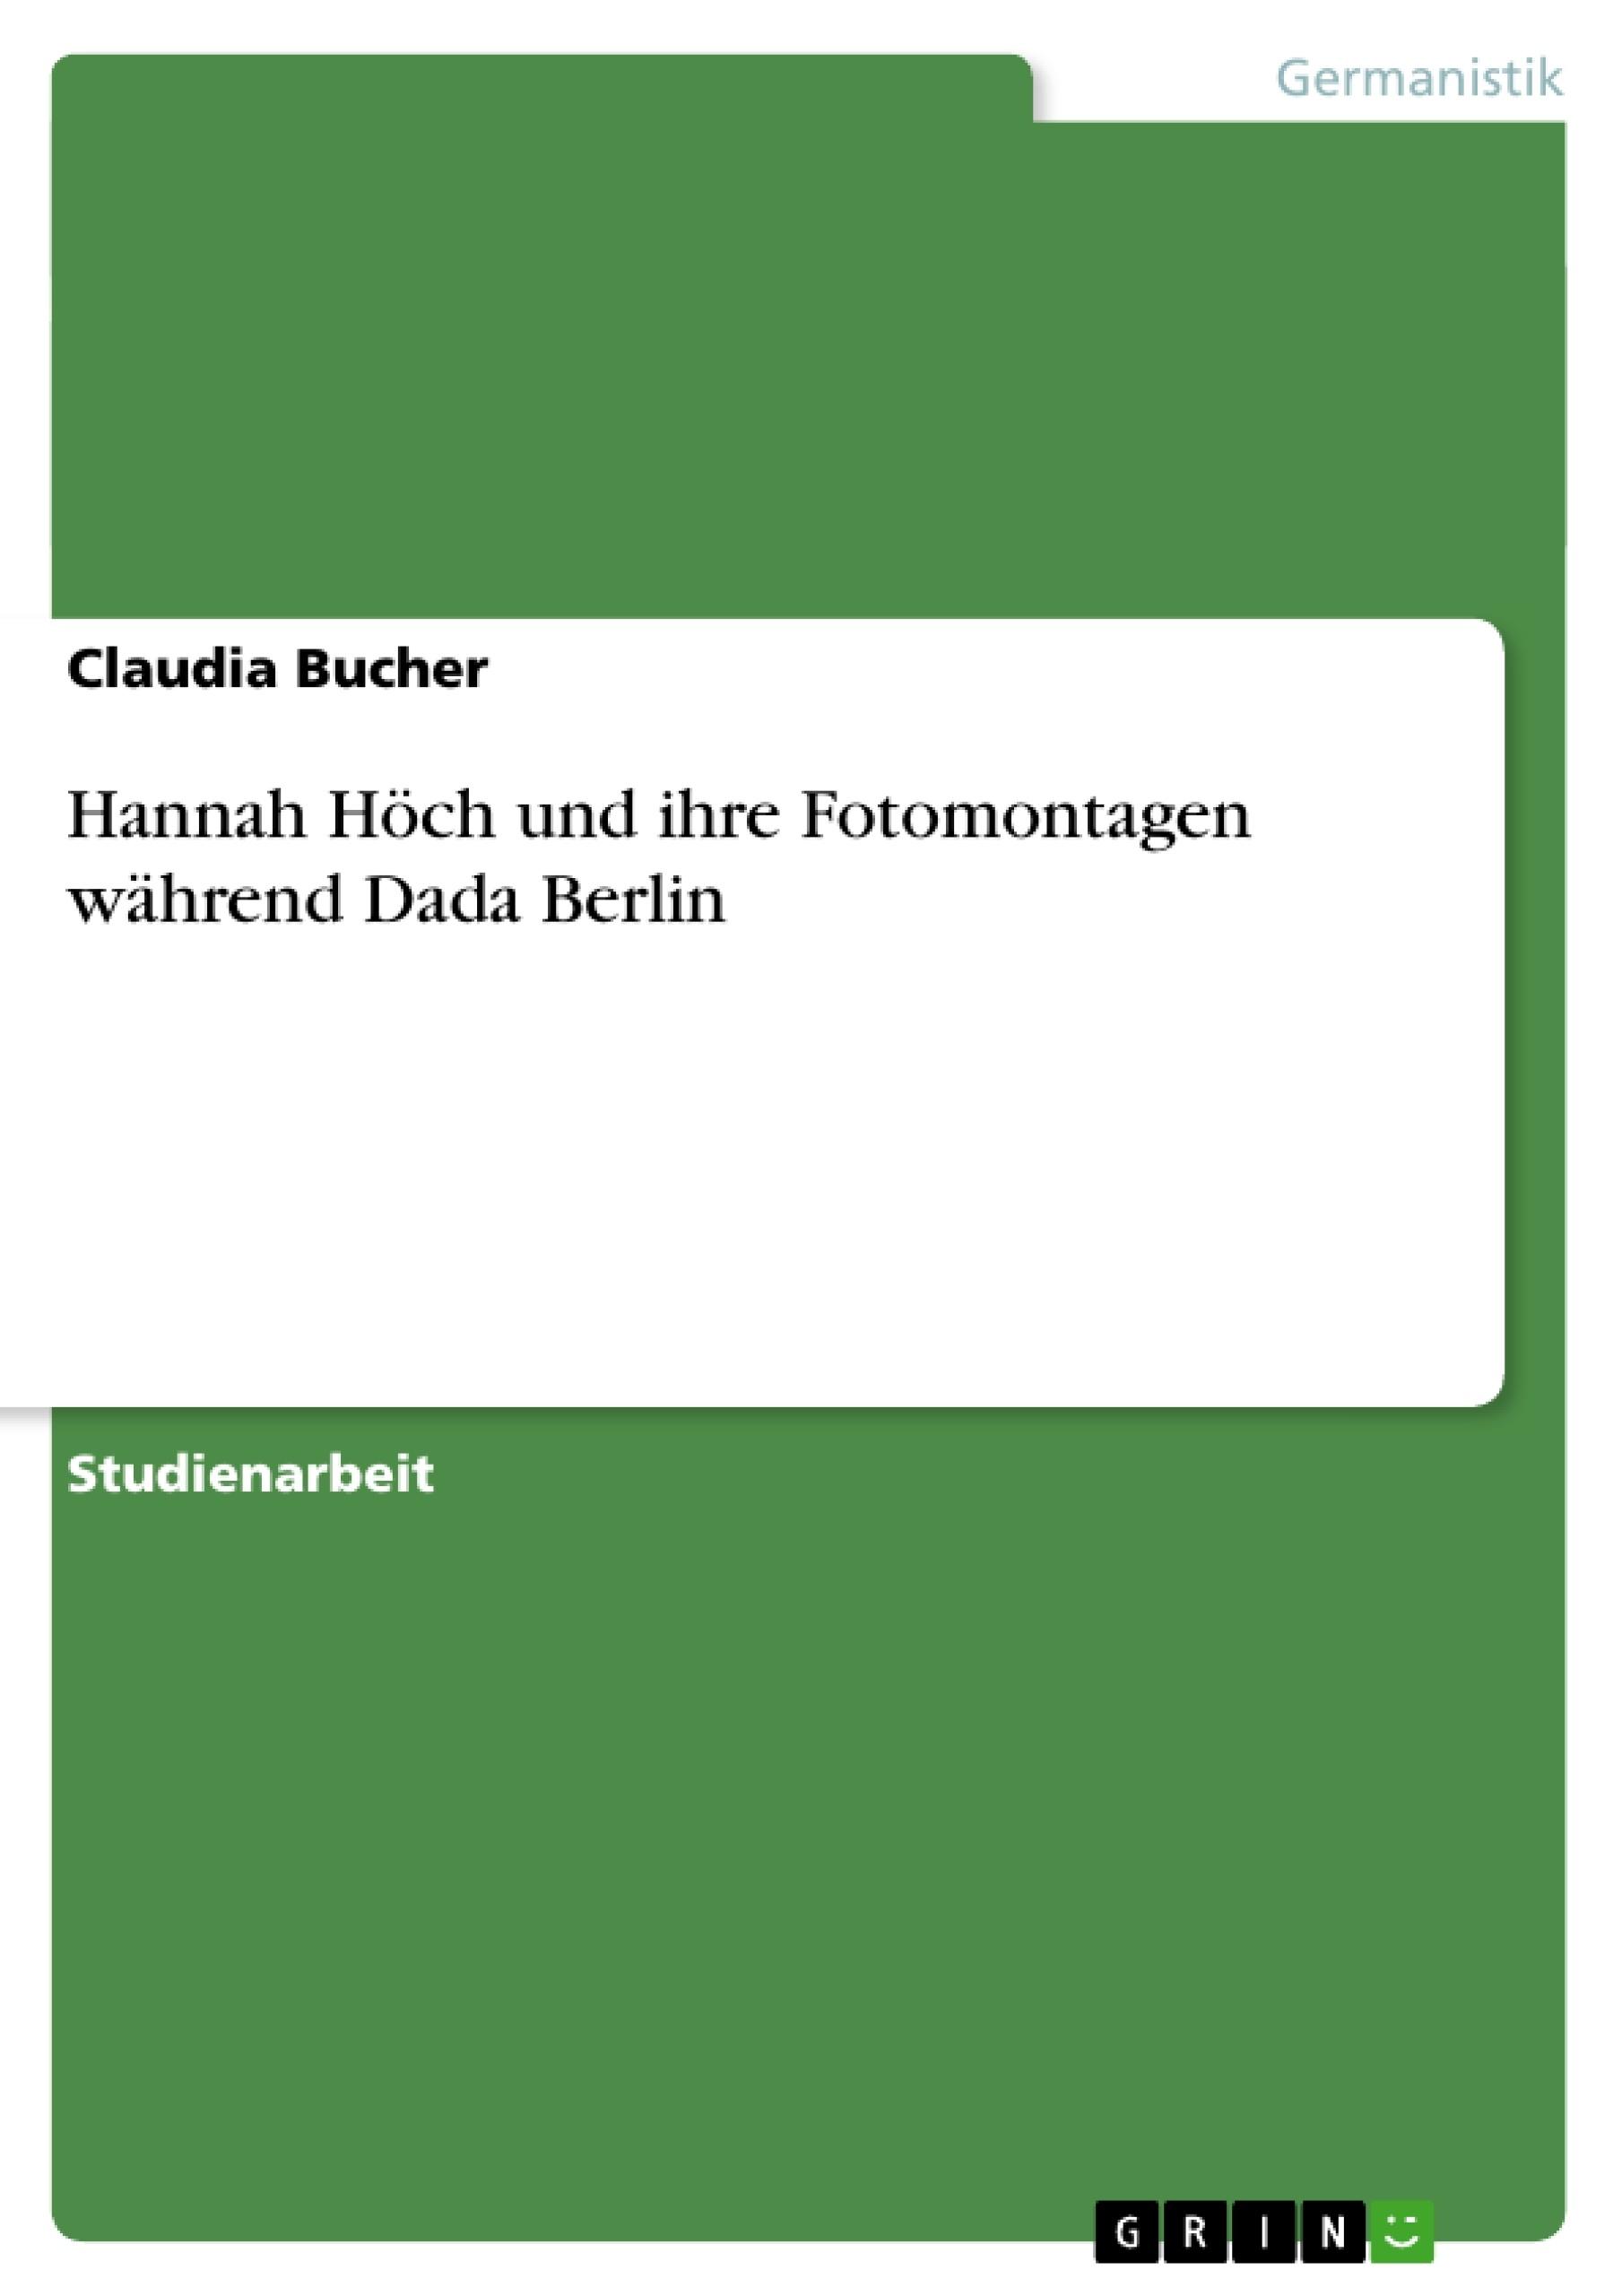 Titel: Hannah Höch und ihre Fotomontagen während Dada Berlin